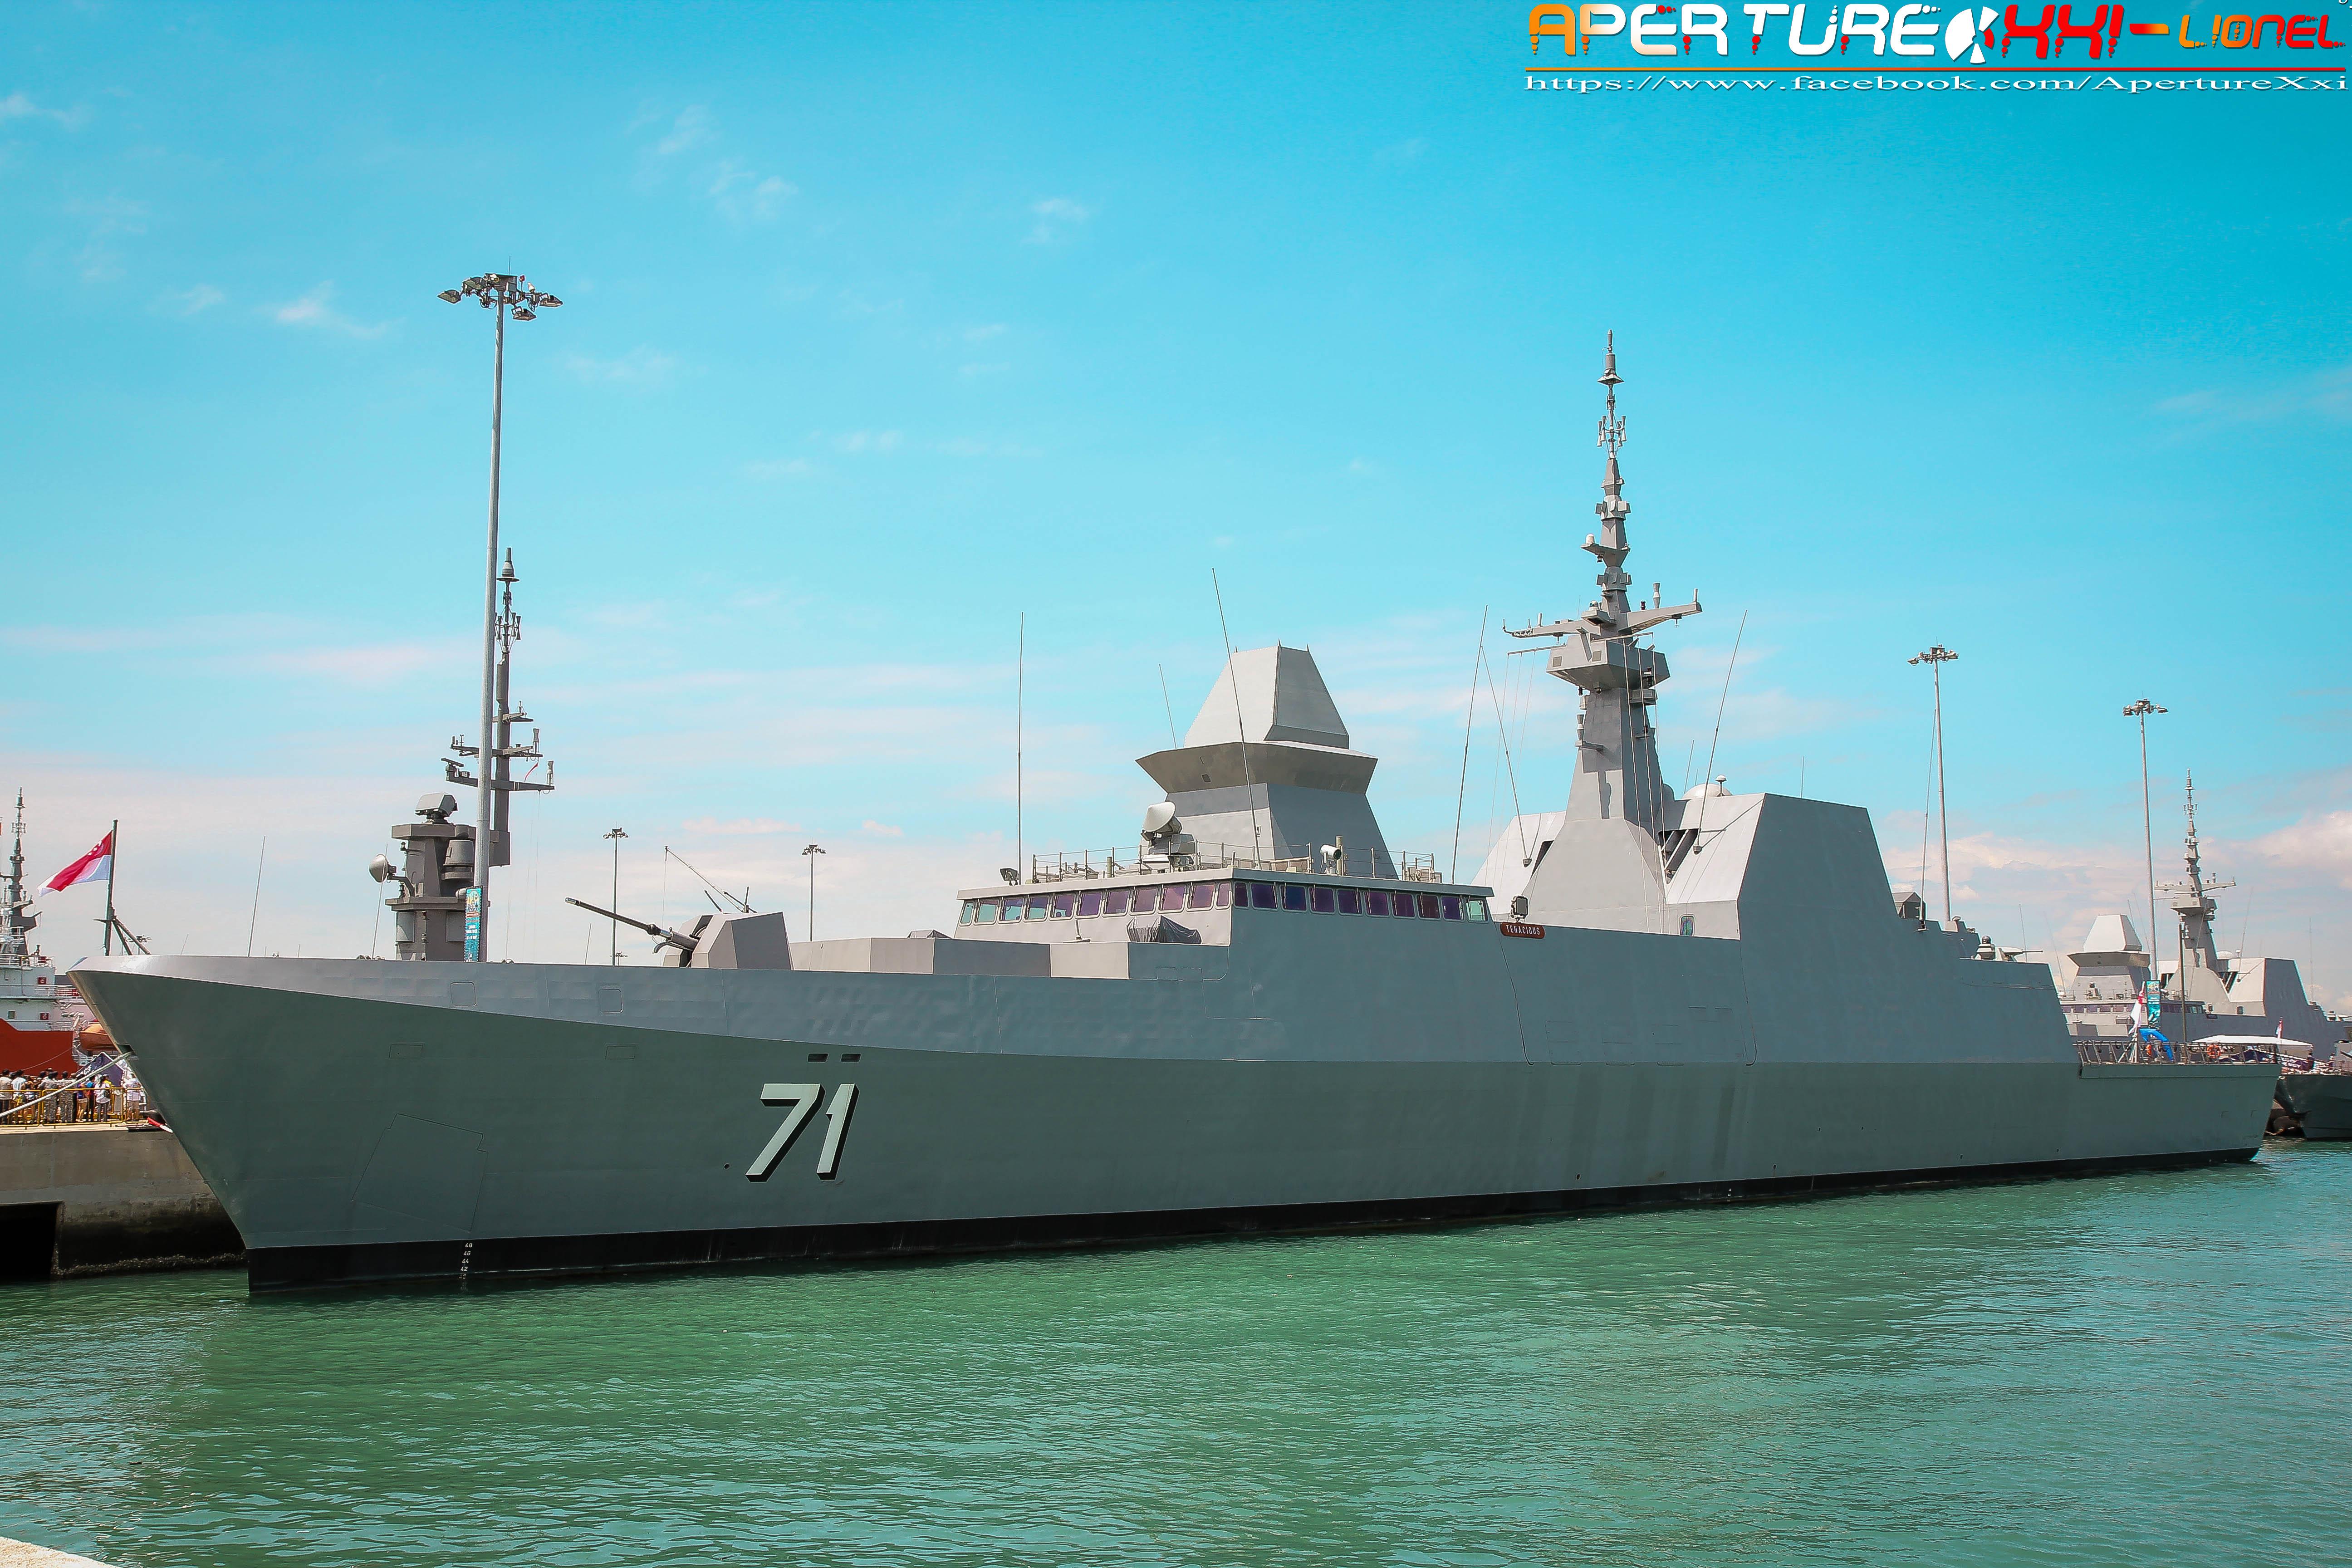 Singapore Navy - Marine de Singapour - Page 2 8867050621_482ddc3d3d_o